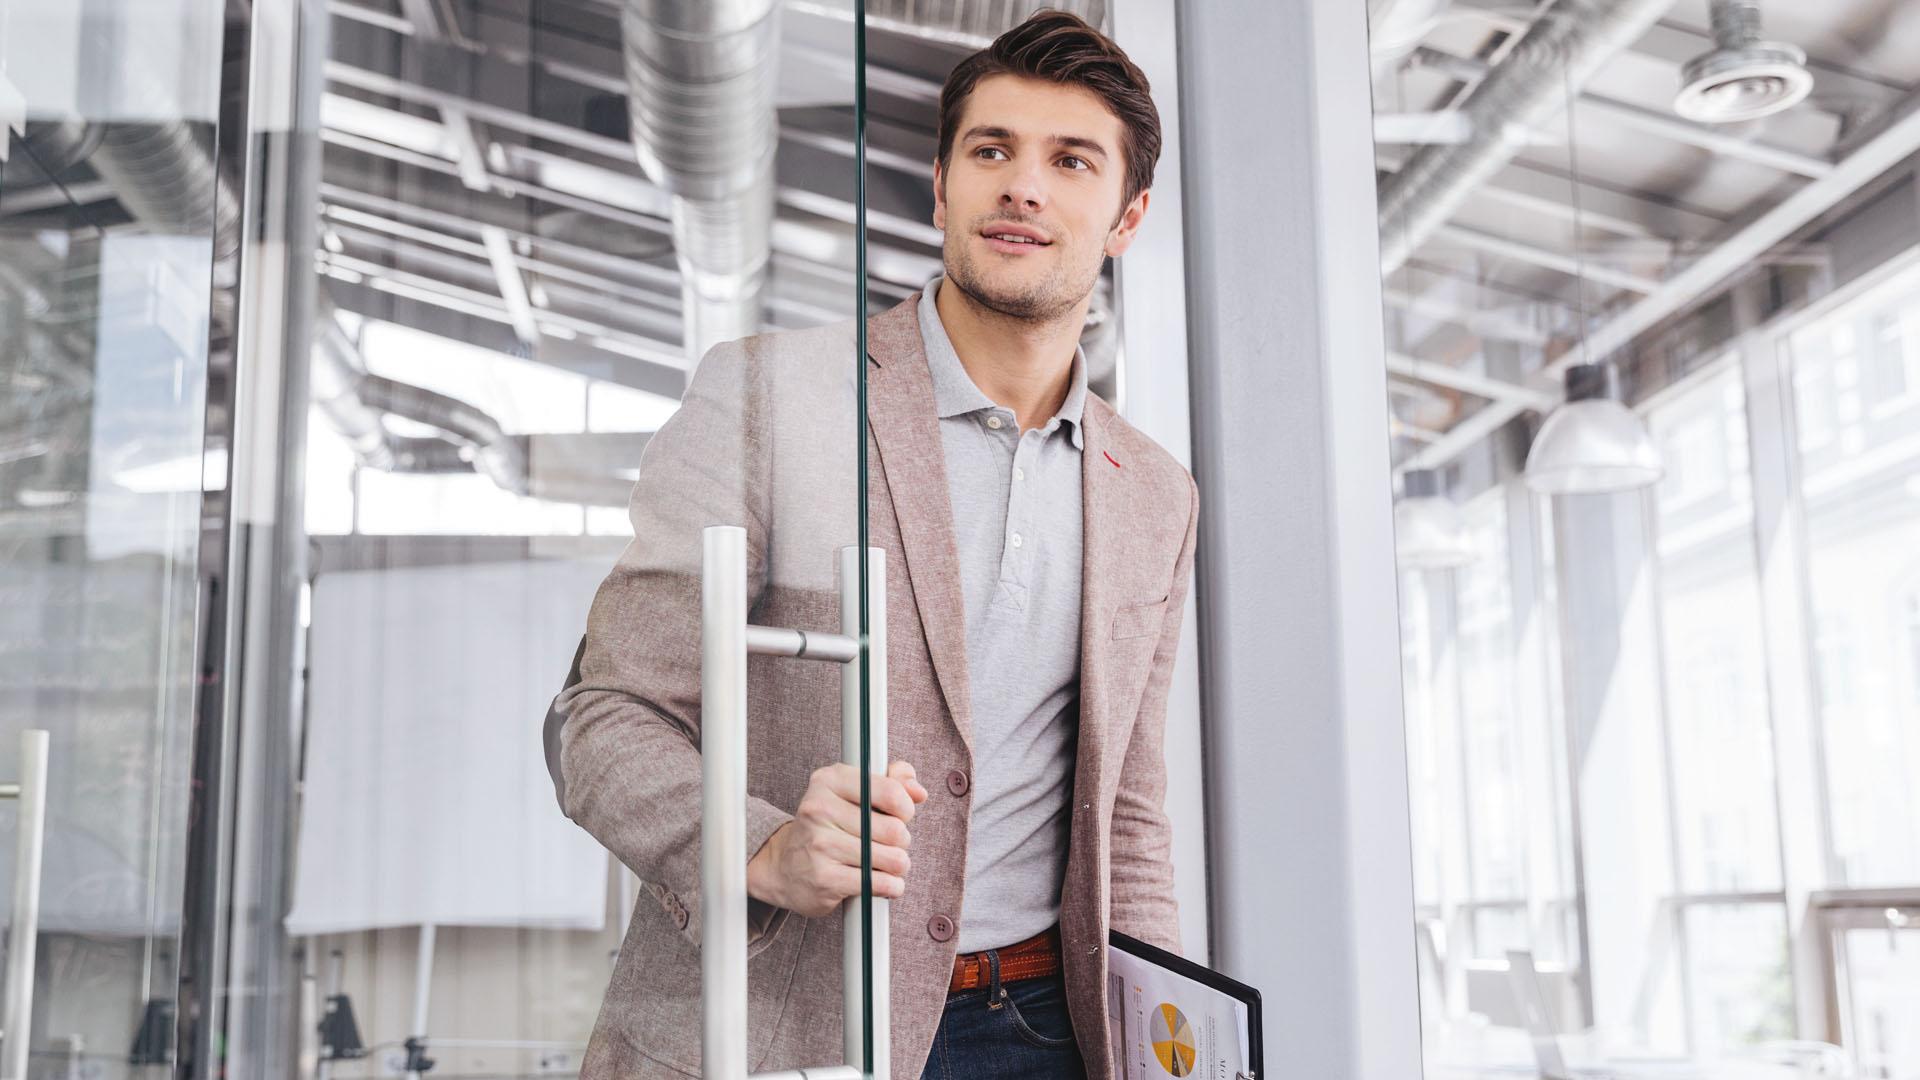 Foto que reproduz um empreendedor voltando a trabalhar em seu negócio.